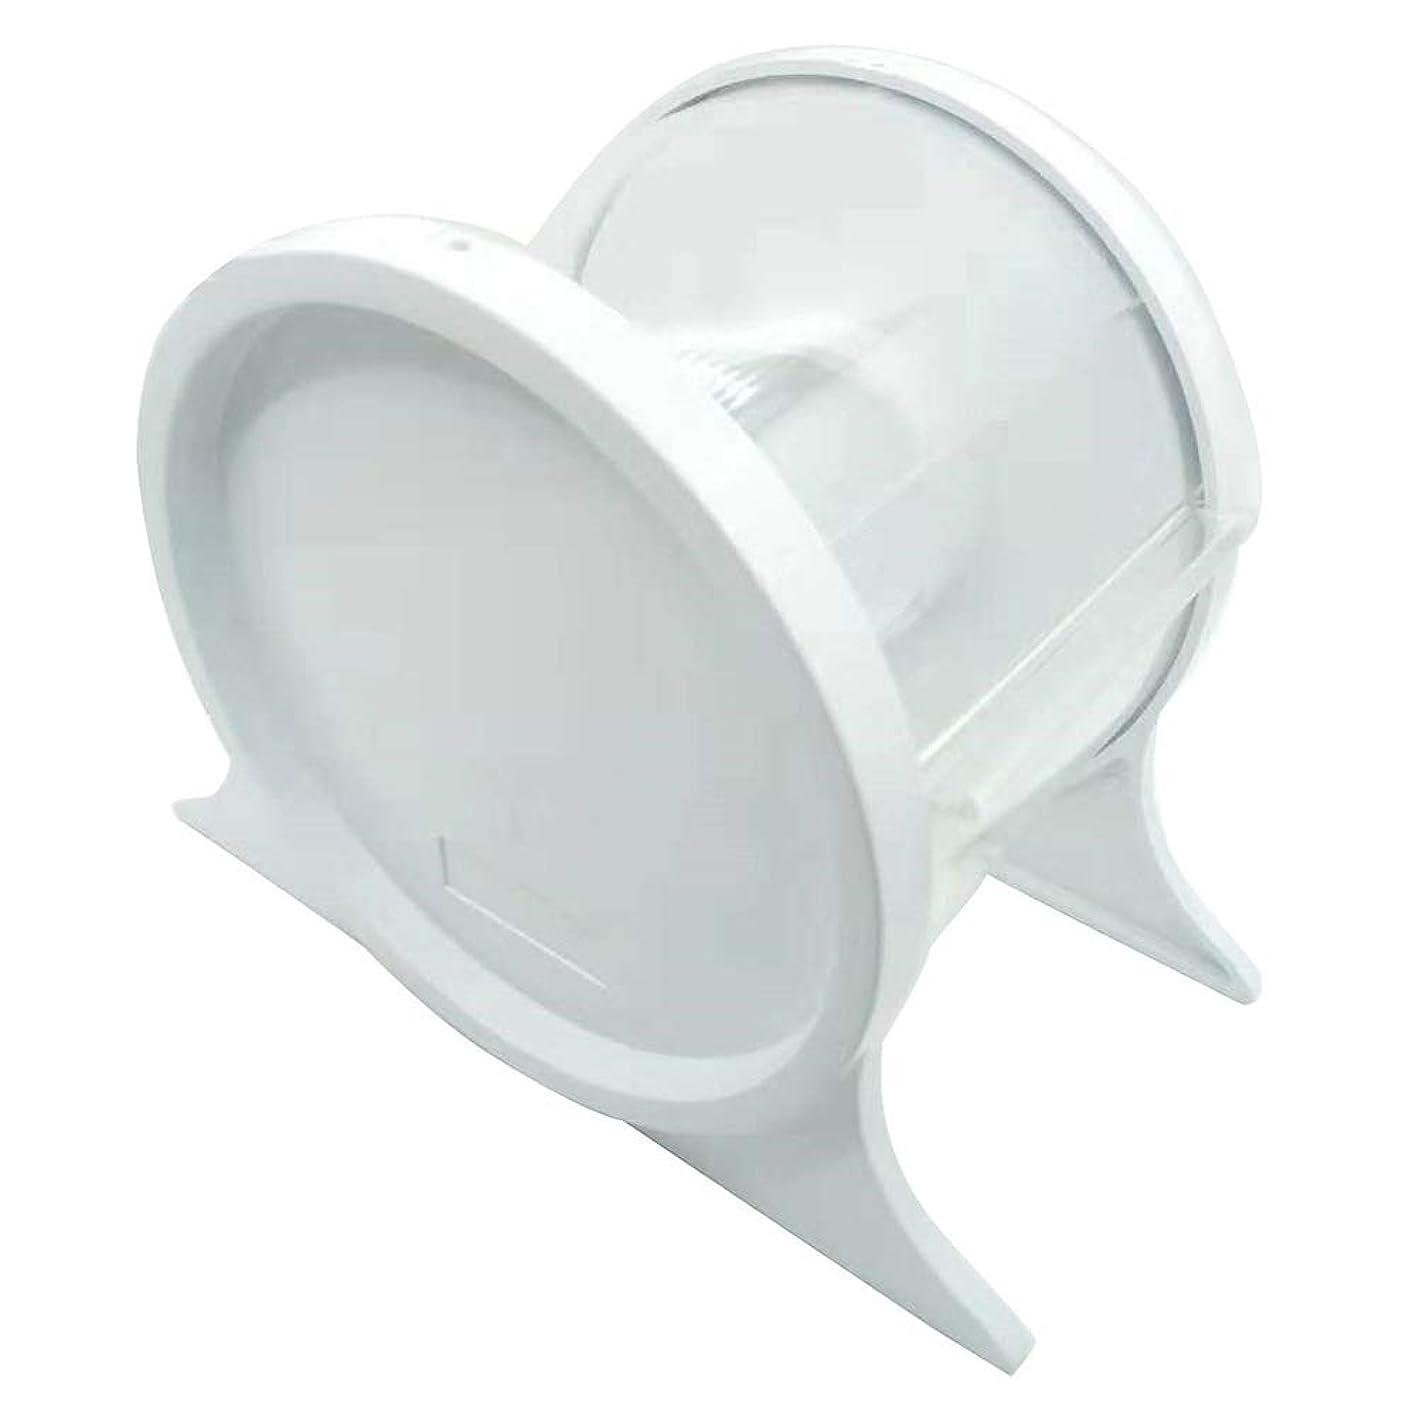 回想検査官くびれたSUPVOX 歯科用バリアフィルムディスペンサー使い捨て保護スタンドホルダーシェルフ歯科用ツール1本(ホワイト)